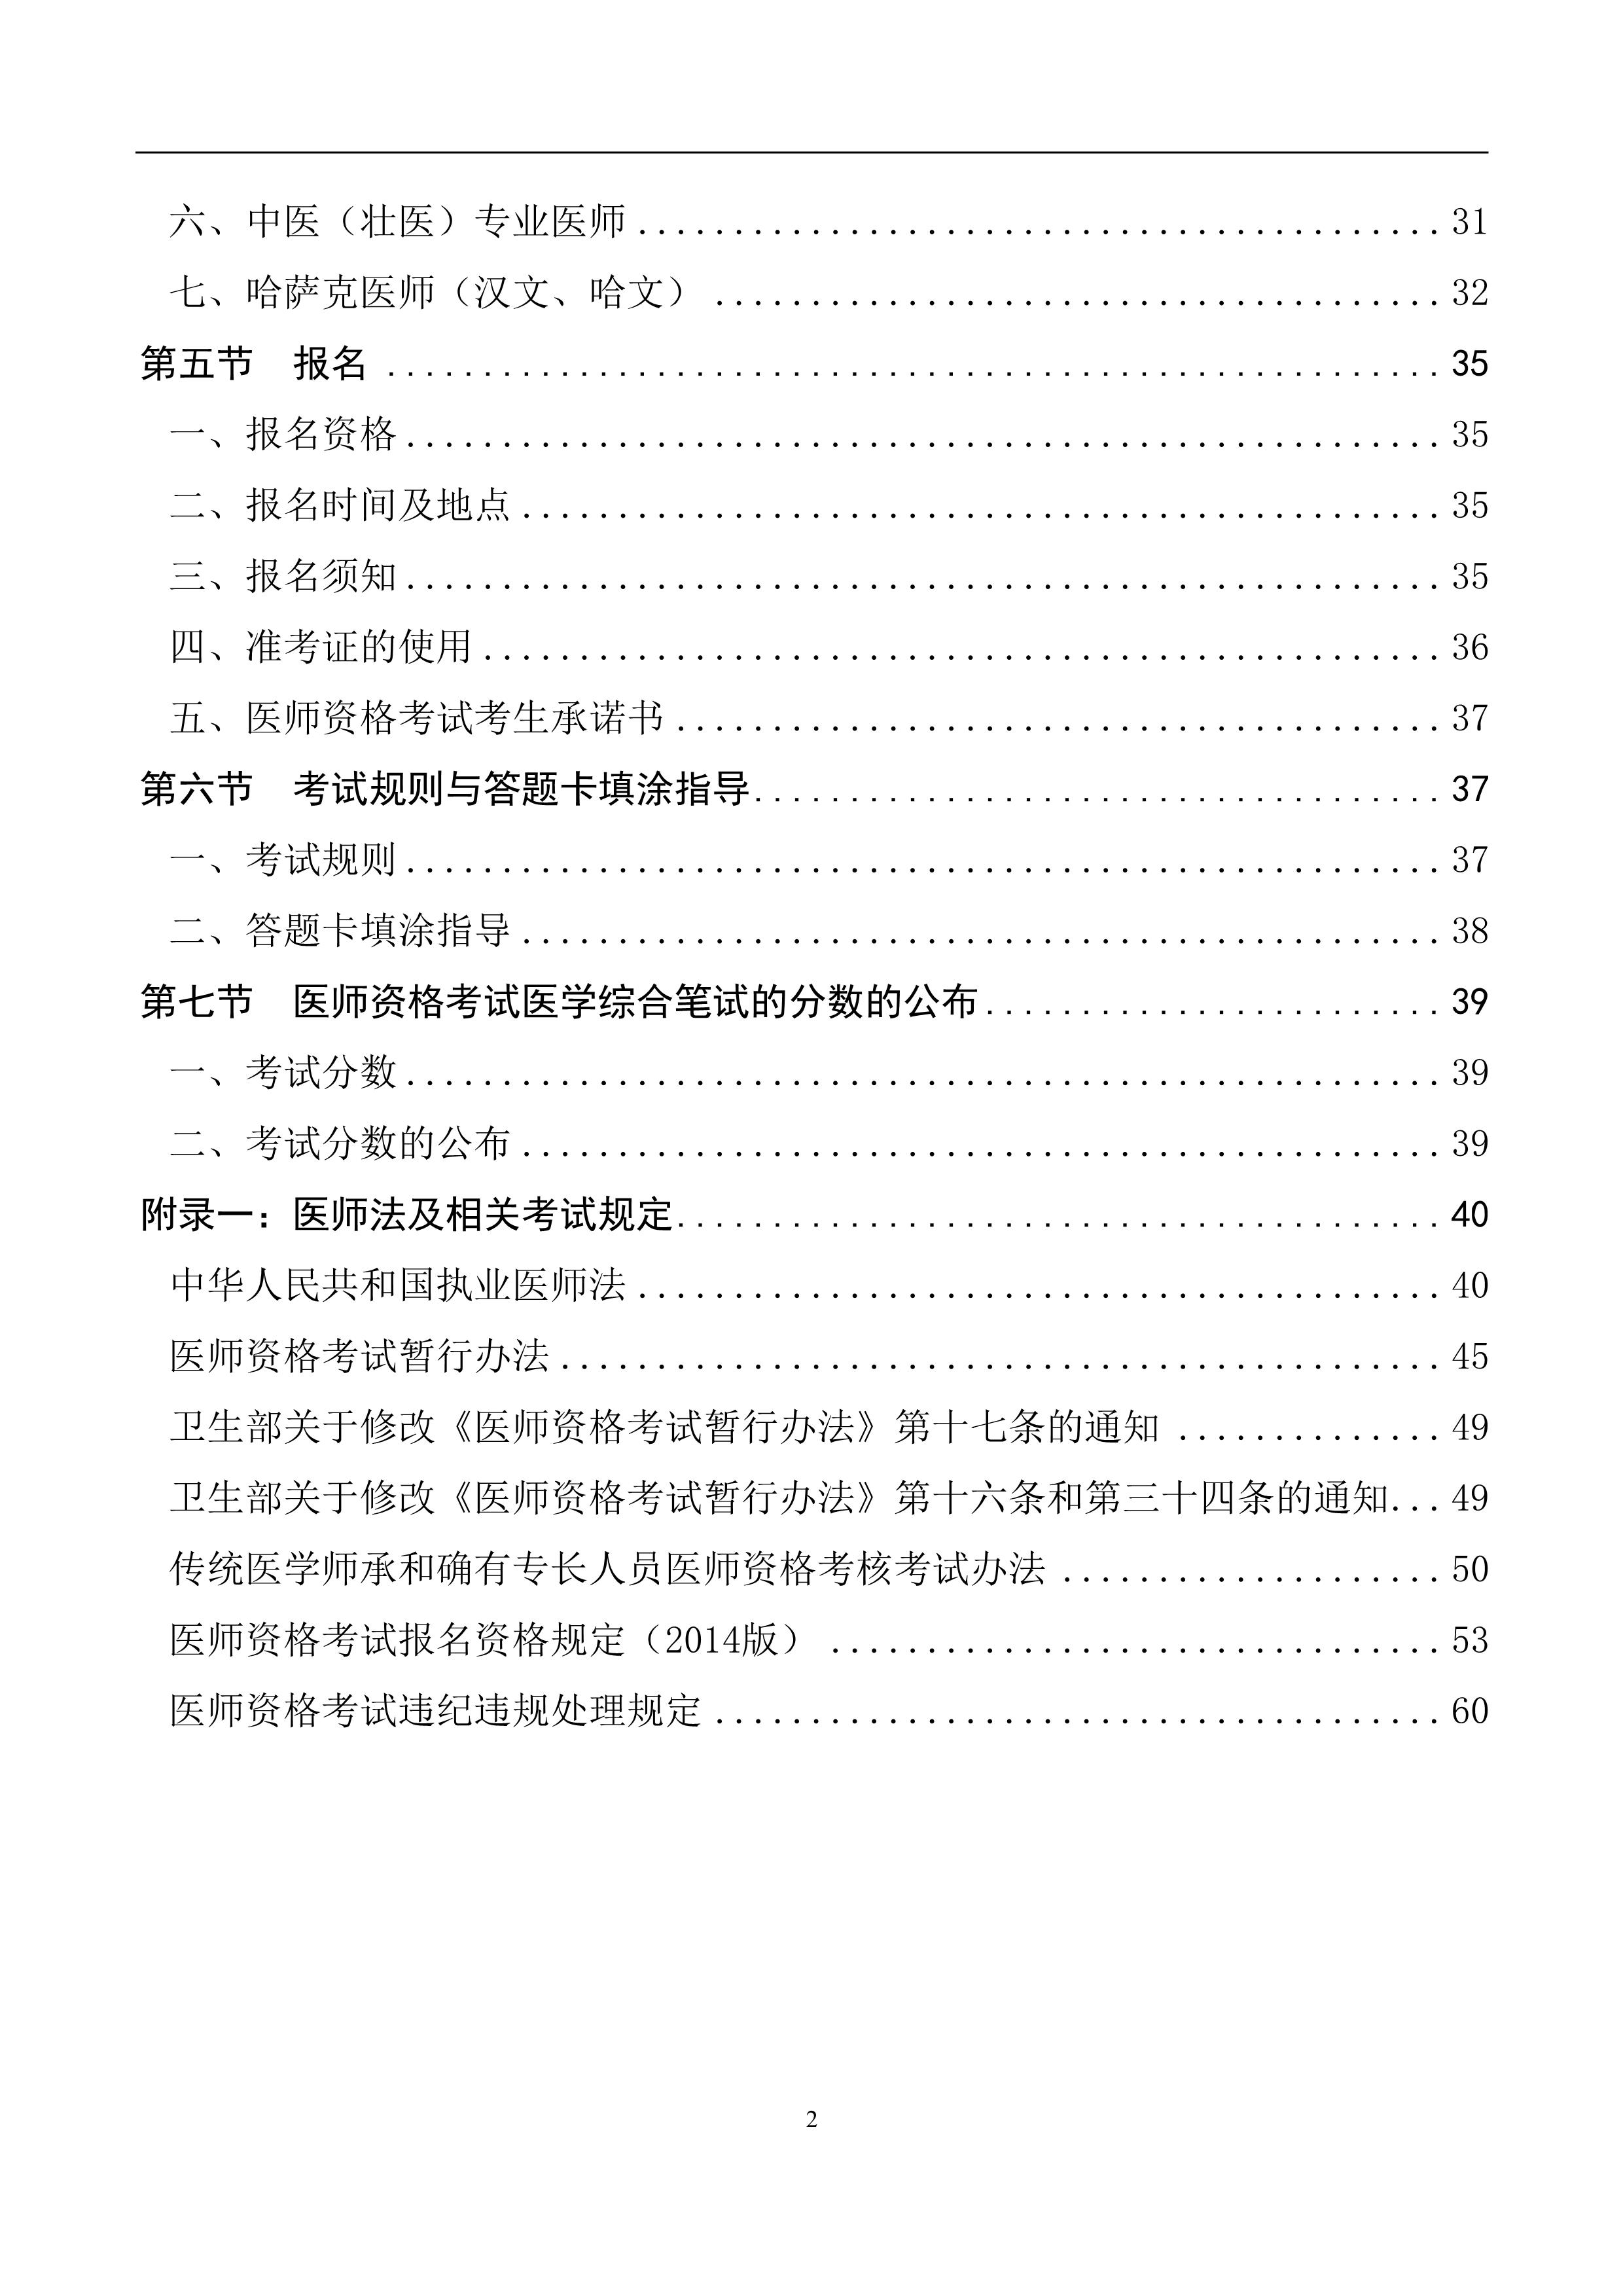 医师资格考试考生指导手册(2019版)